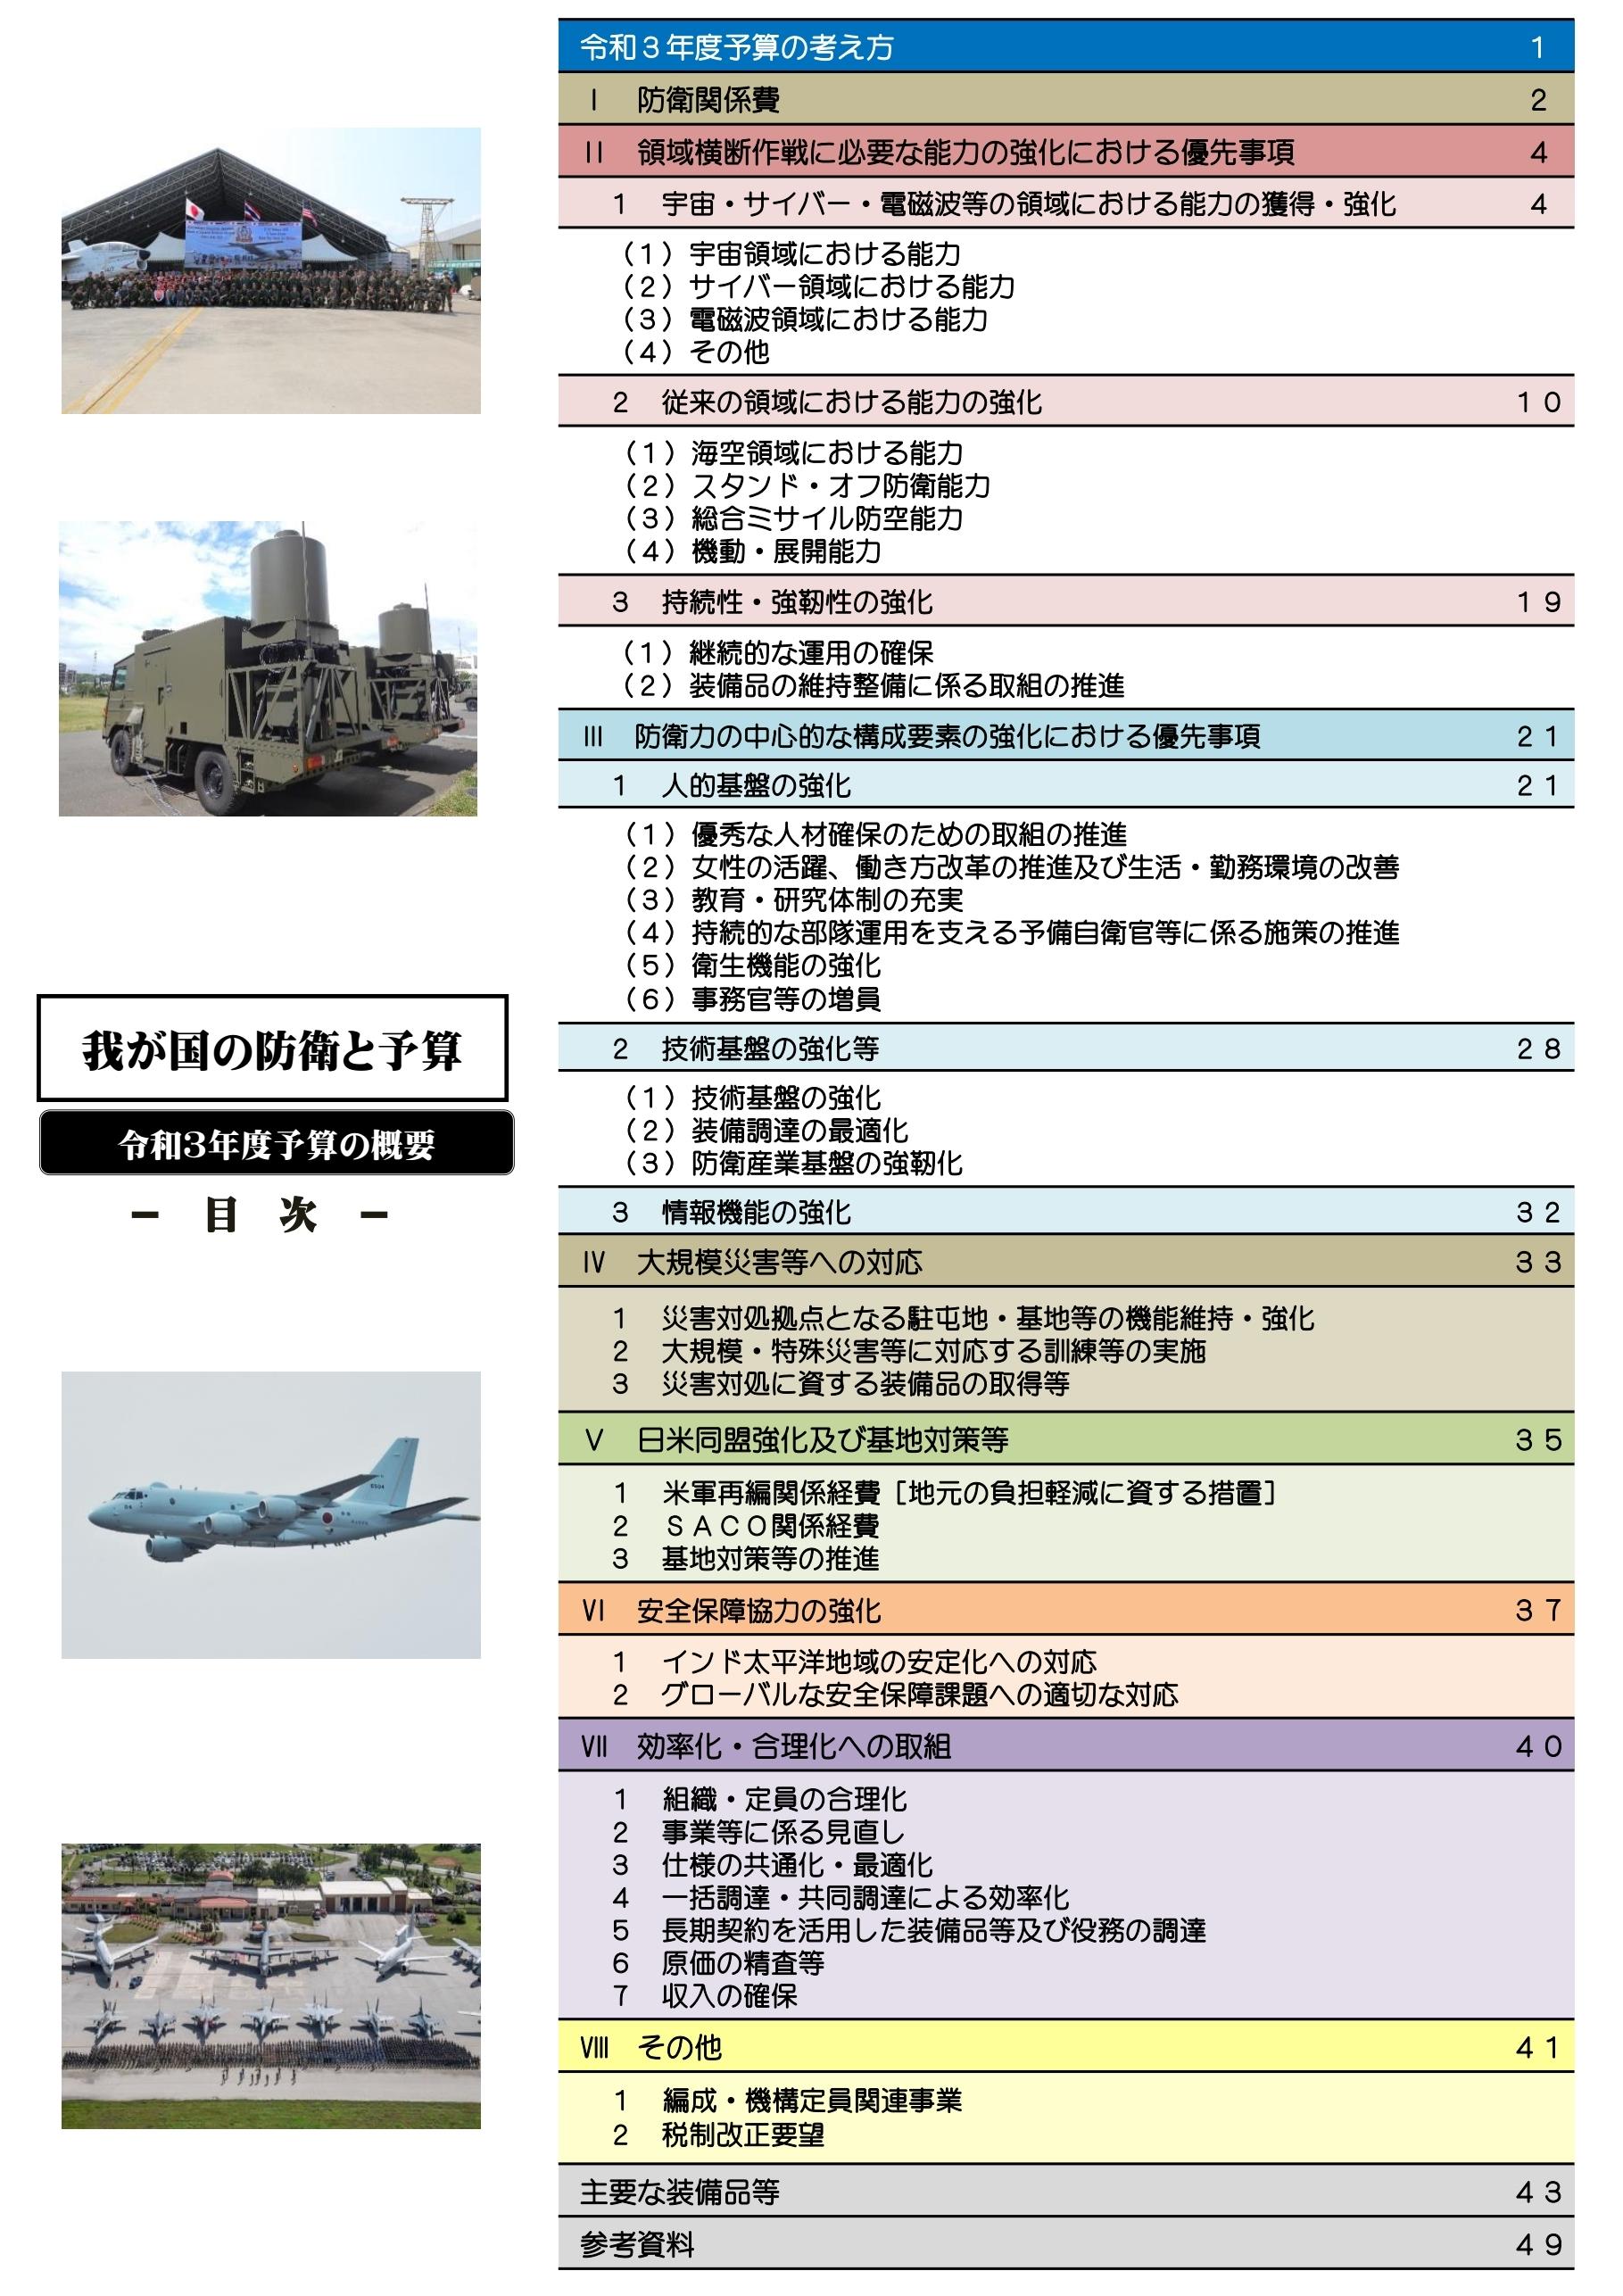 我が国の防衛と予算(案)2021年度予算の概要0003